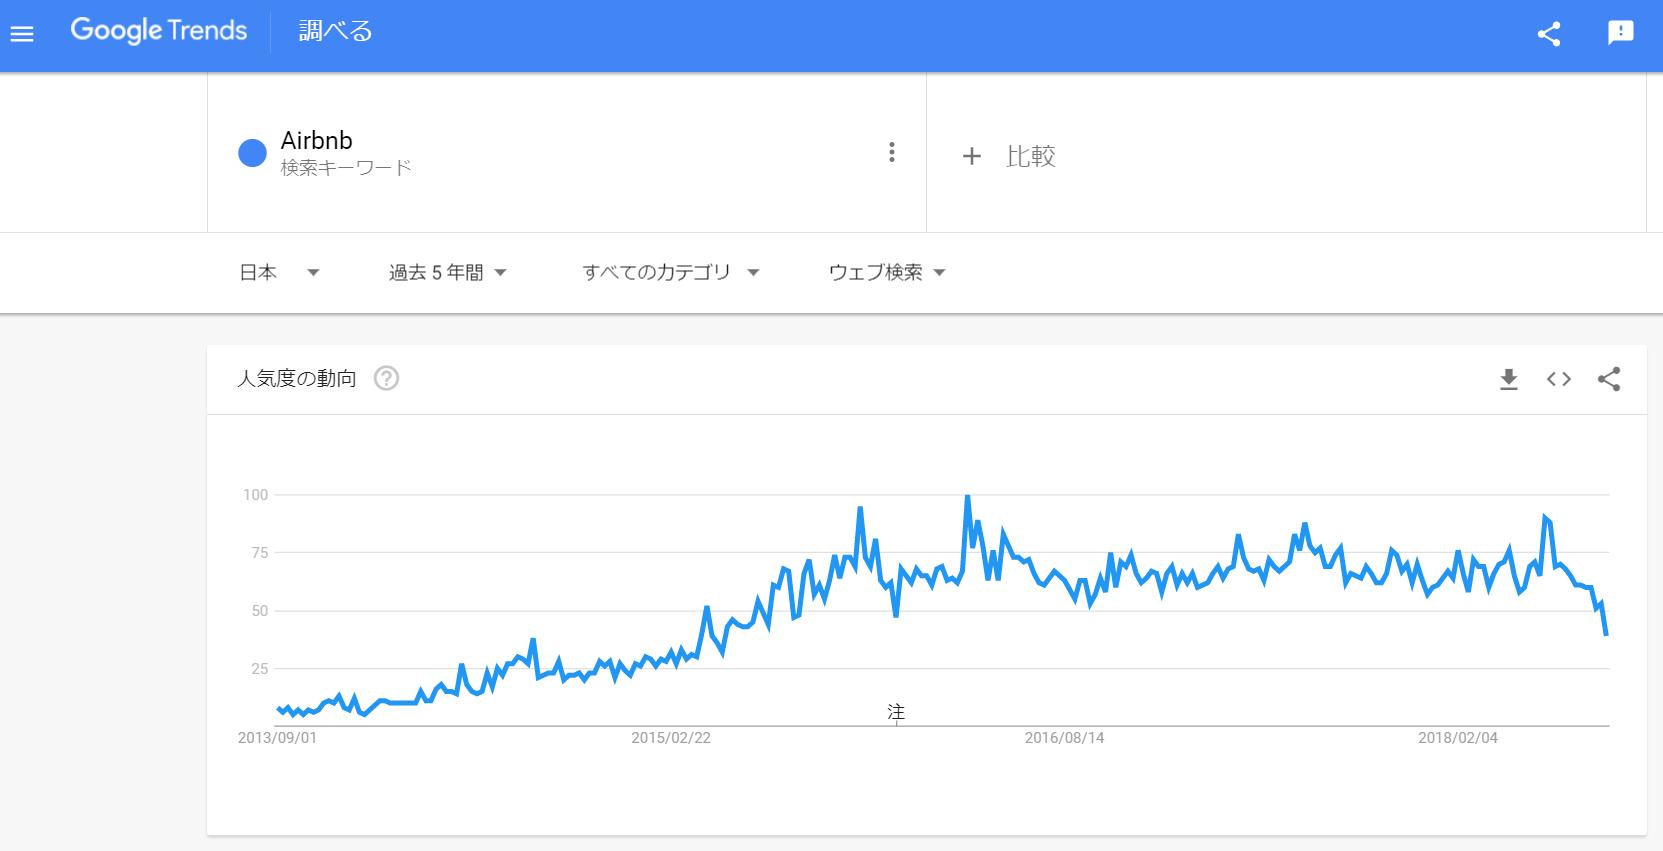 GoogleトレンドでAirbnbを調べると2013年から2年ほどかけて人気が増している